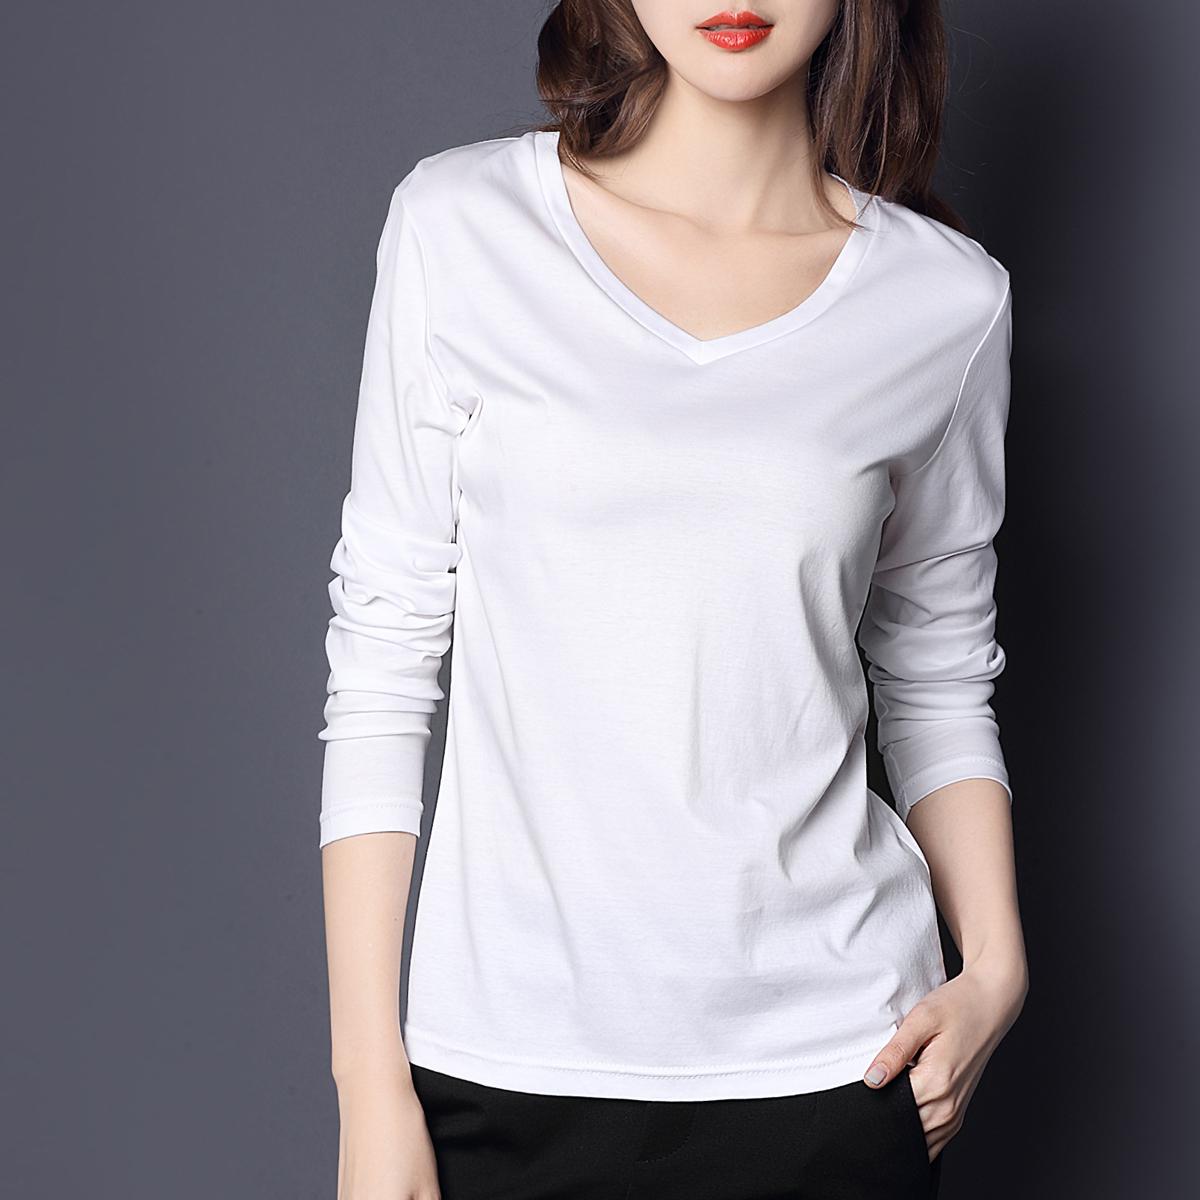 秋装新款2017新款修身纯棉V领丝光棉纯白色t恤女百搭长袖打底衫女